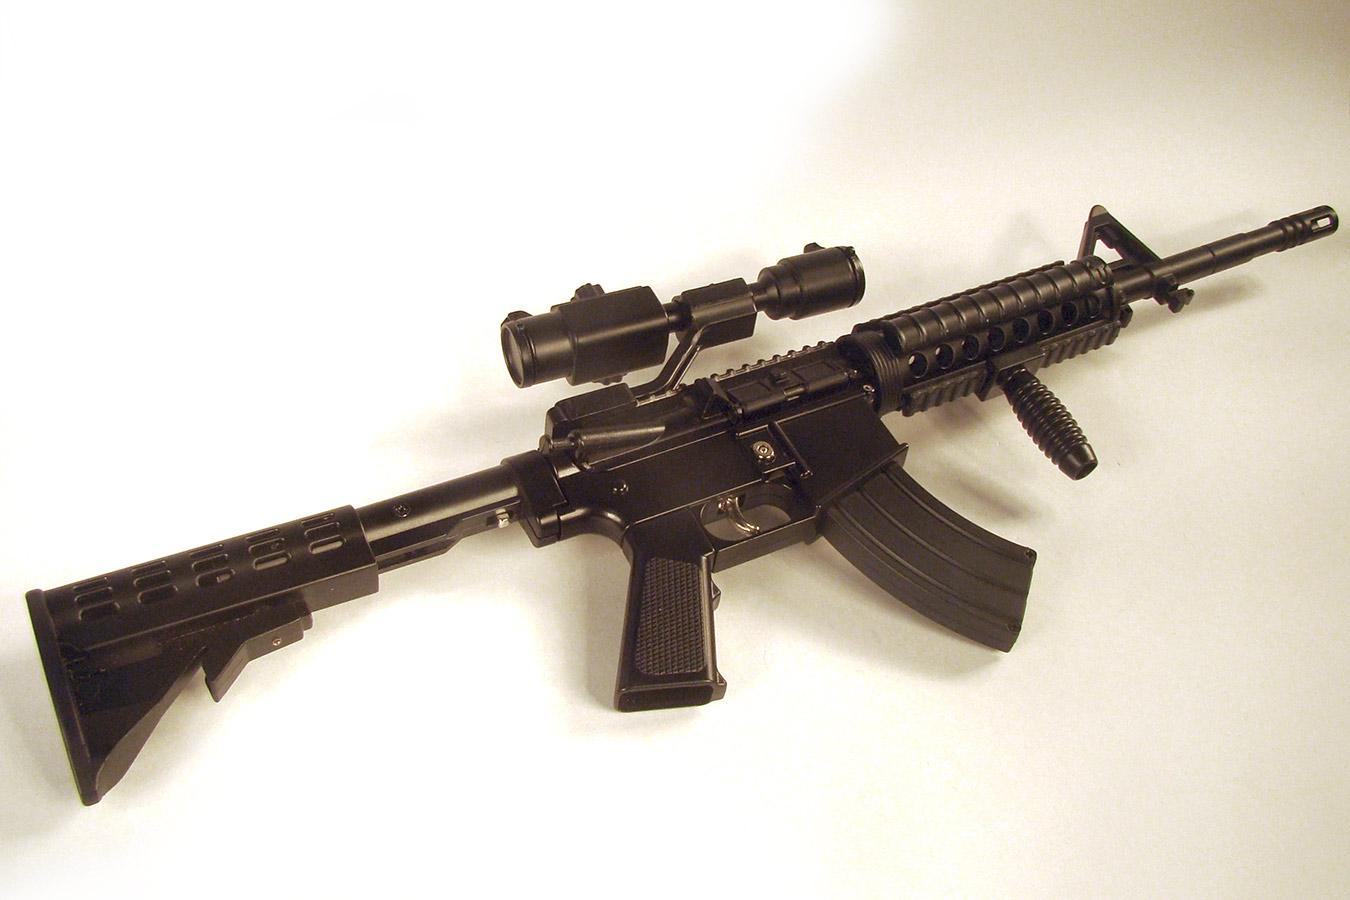 Colt M4 в масштабе 1:2 изображение 1